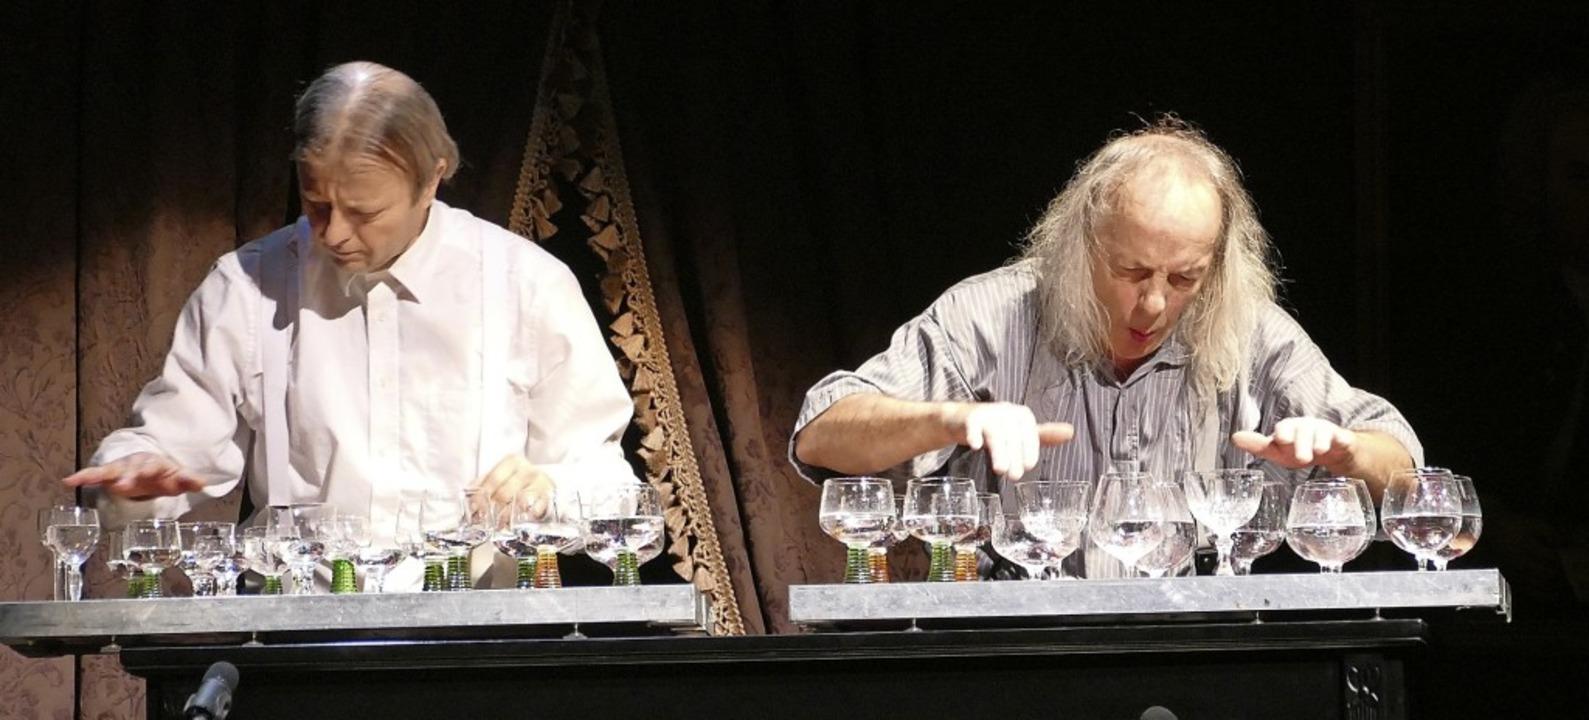 Selbst  Wassergläsern verstehen Gogol ...ch das Publikum mit Standing Ovations.  | Foto: Sabine Ehrentreich